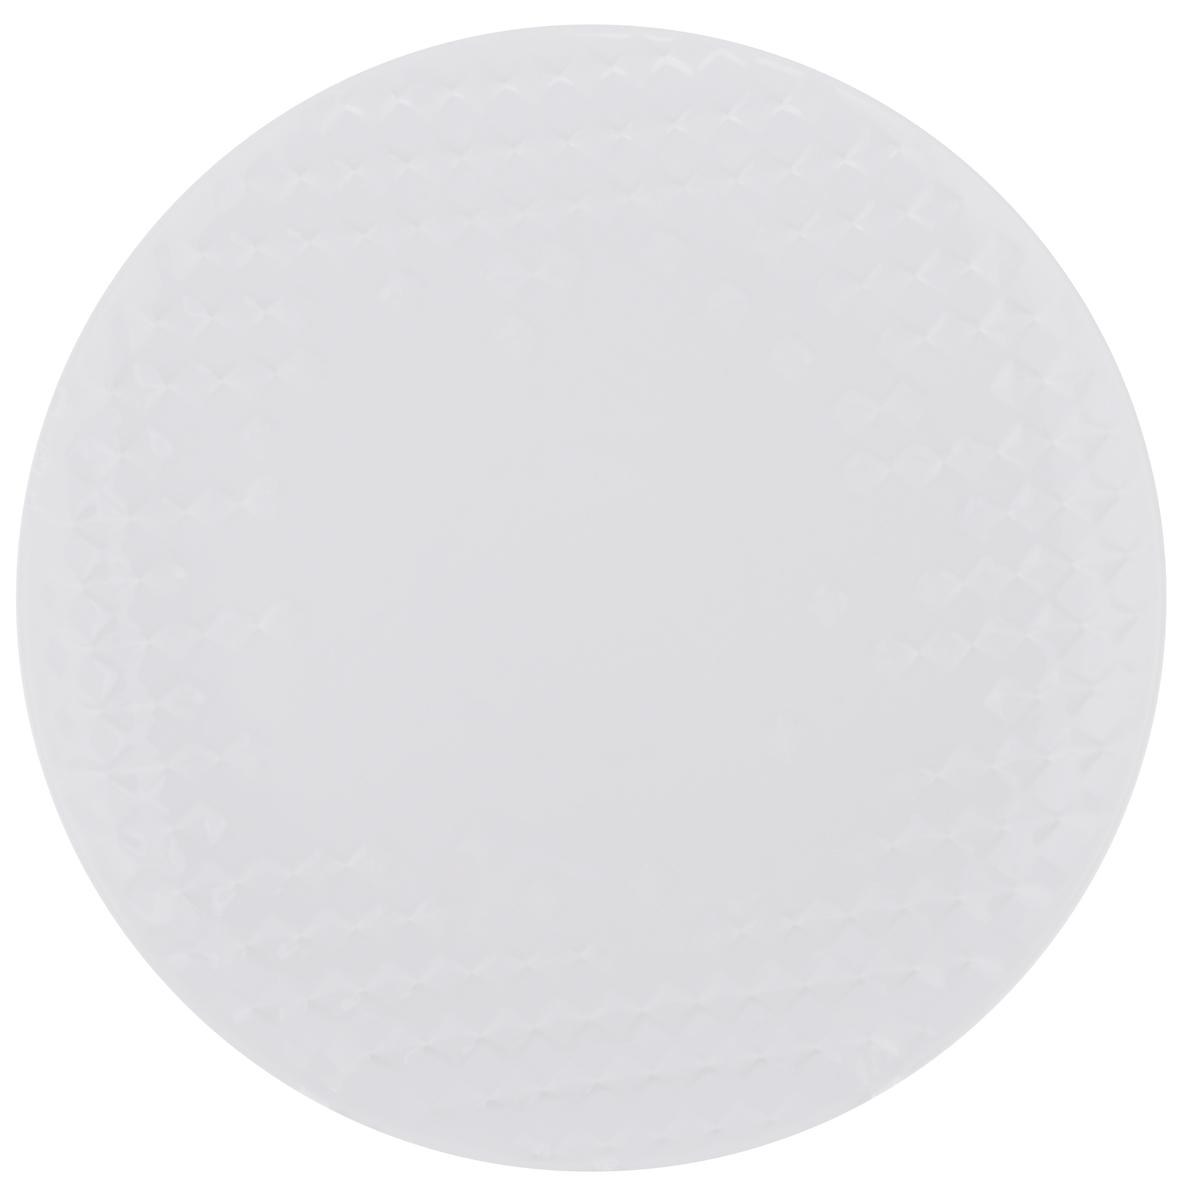 Тарелка обеденная Walmer Sapphire, диаметр 25,5 смJ2423Тарелка обеденная Walmer Sapphire изготовлена из фарфора белого цвета. Предназначена длякрасивой подачи различных блюд. Изделие декорировано необычным рельефом. Такая тарелка украсит сервировку стола и подчеркнет прекрасный вкус хозяйки.Не применять абразивные чистящие средства. Диаметр: 25,5 см.Высота: 2,5 см.